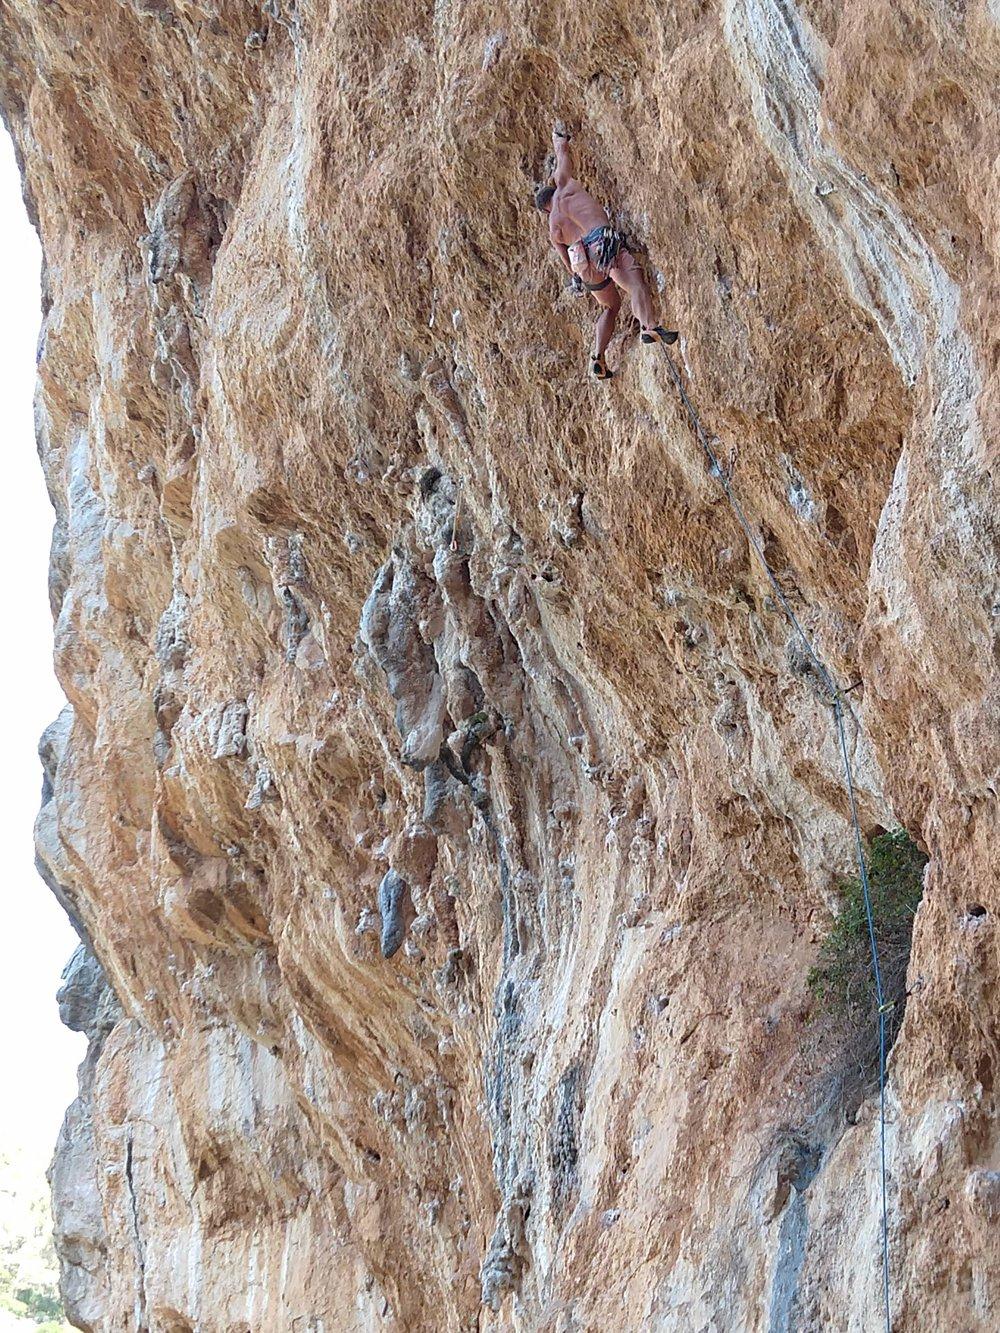 Vince climbing in Mallorca